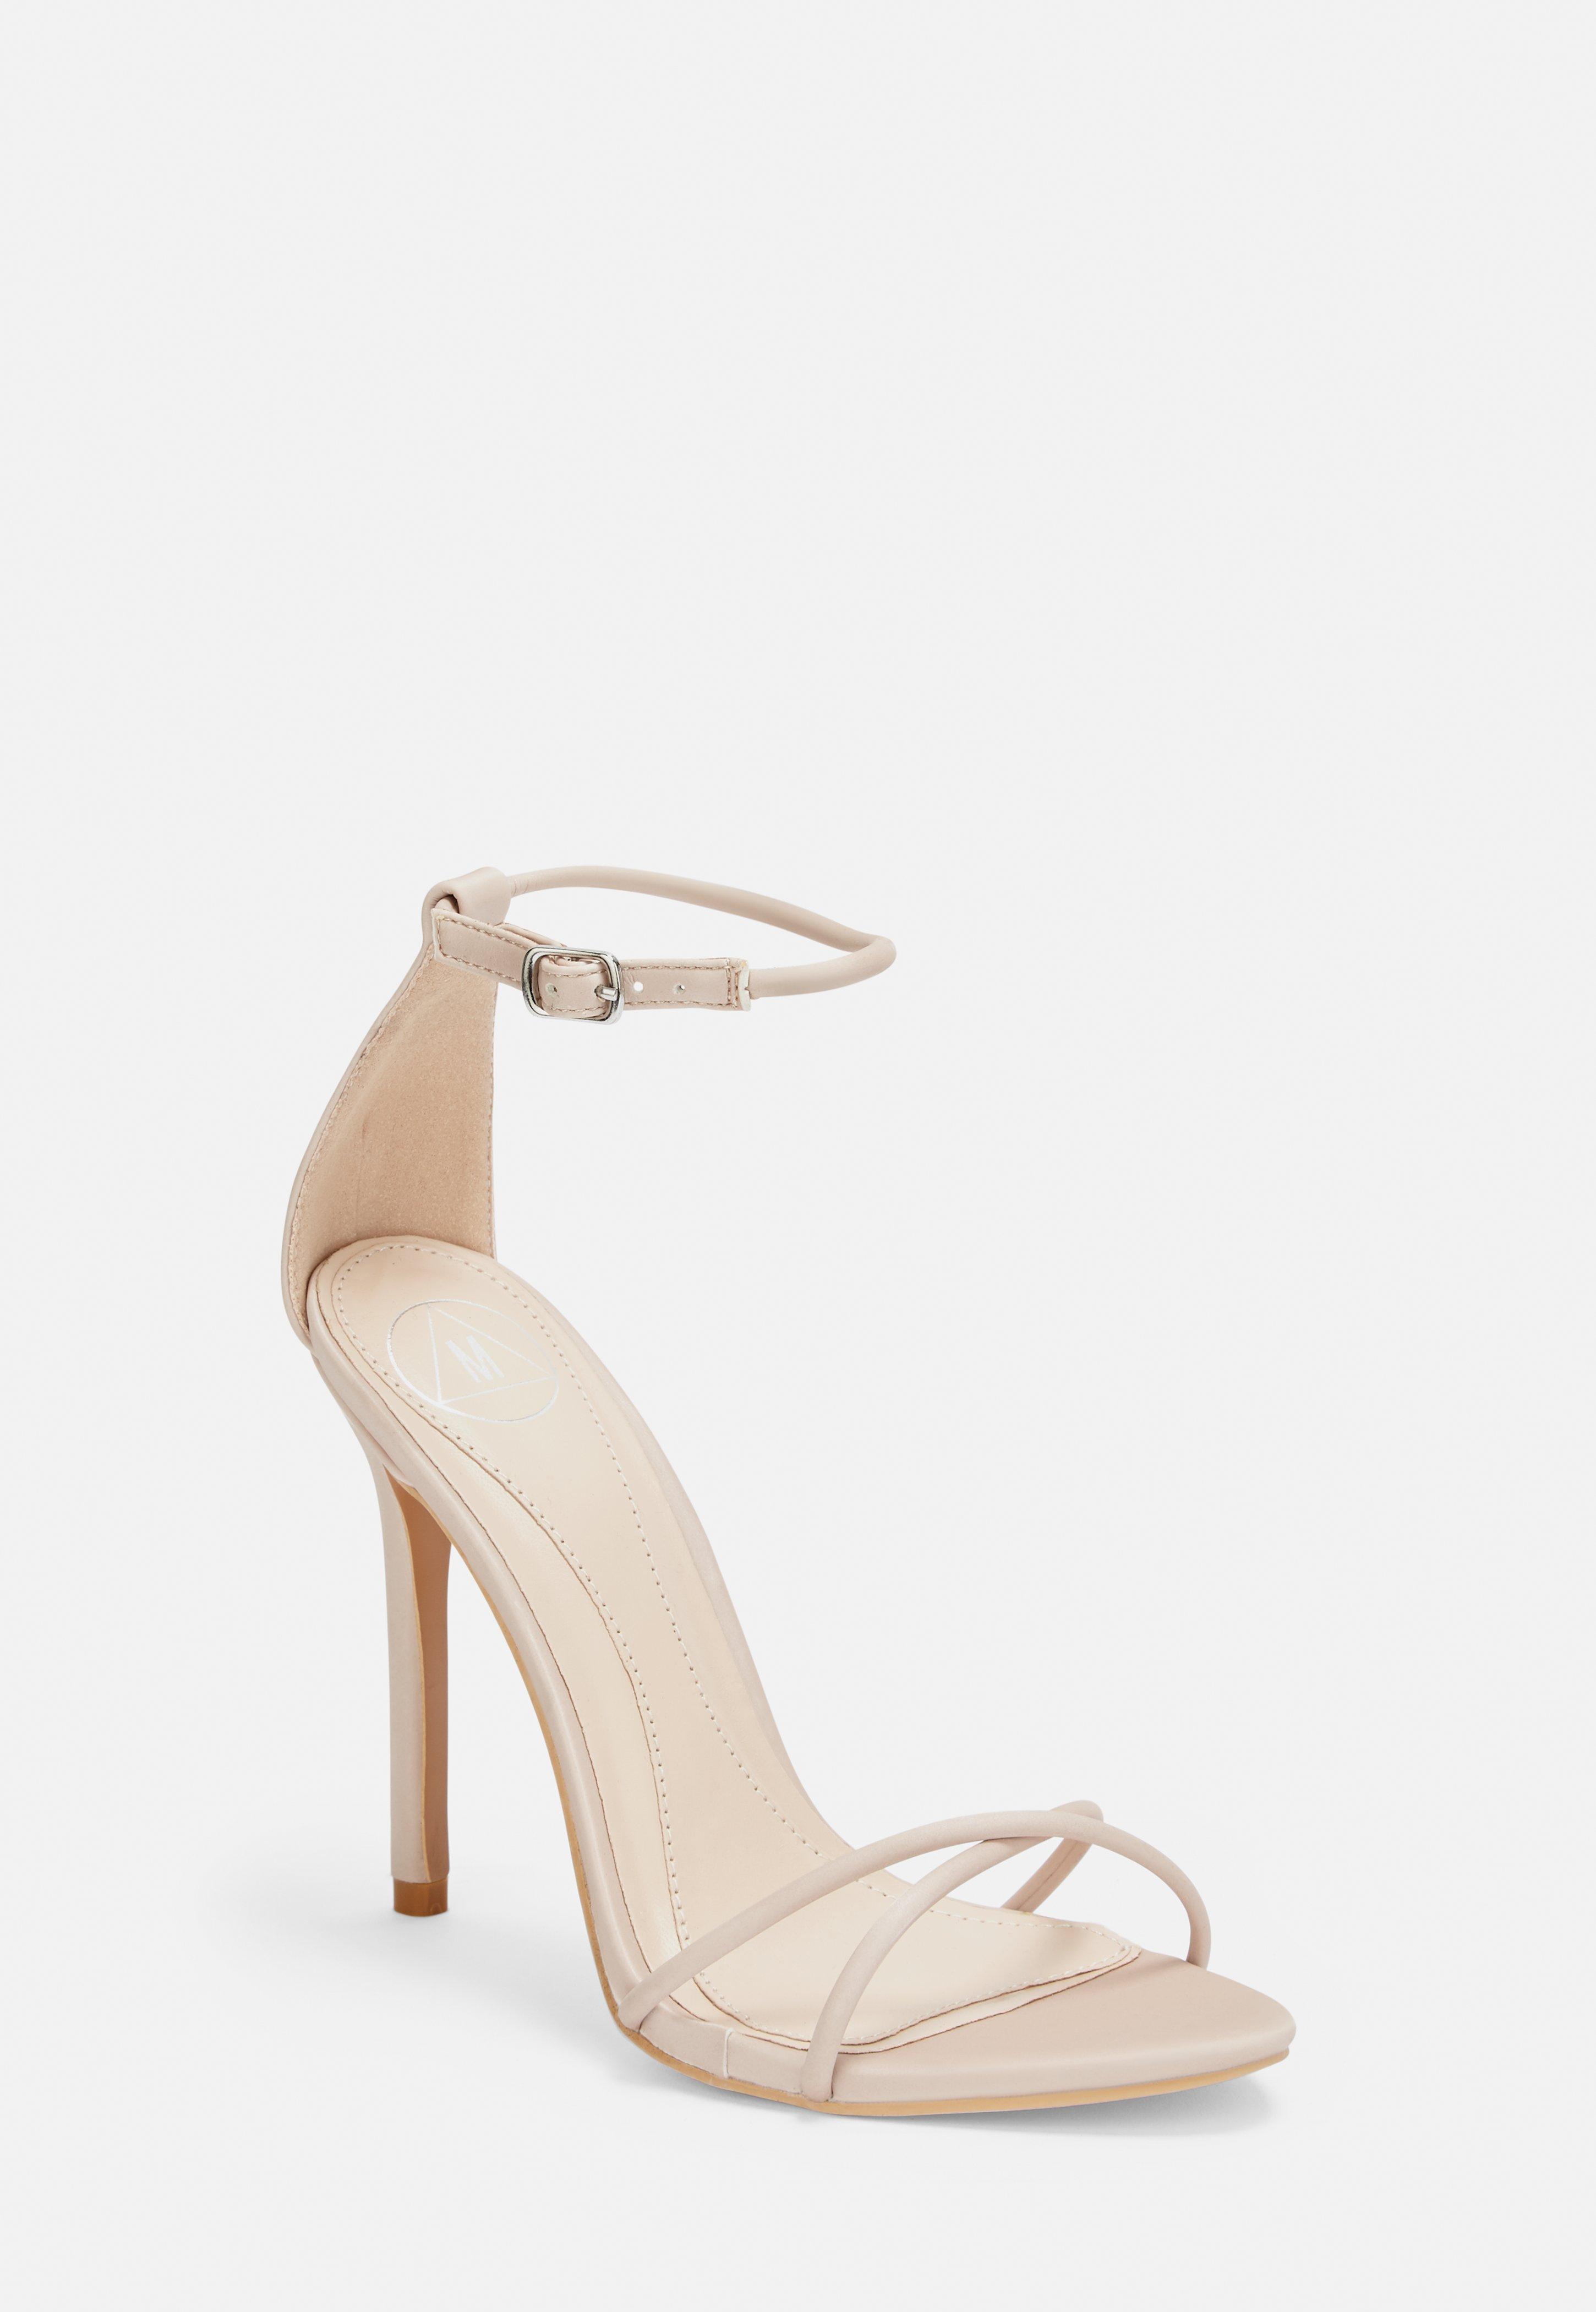 ac3886eedff67 High Heels - Shop Women's Stilettos Online | Missguided